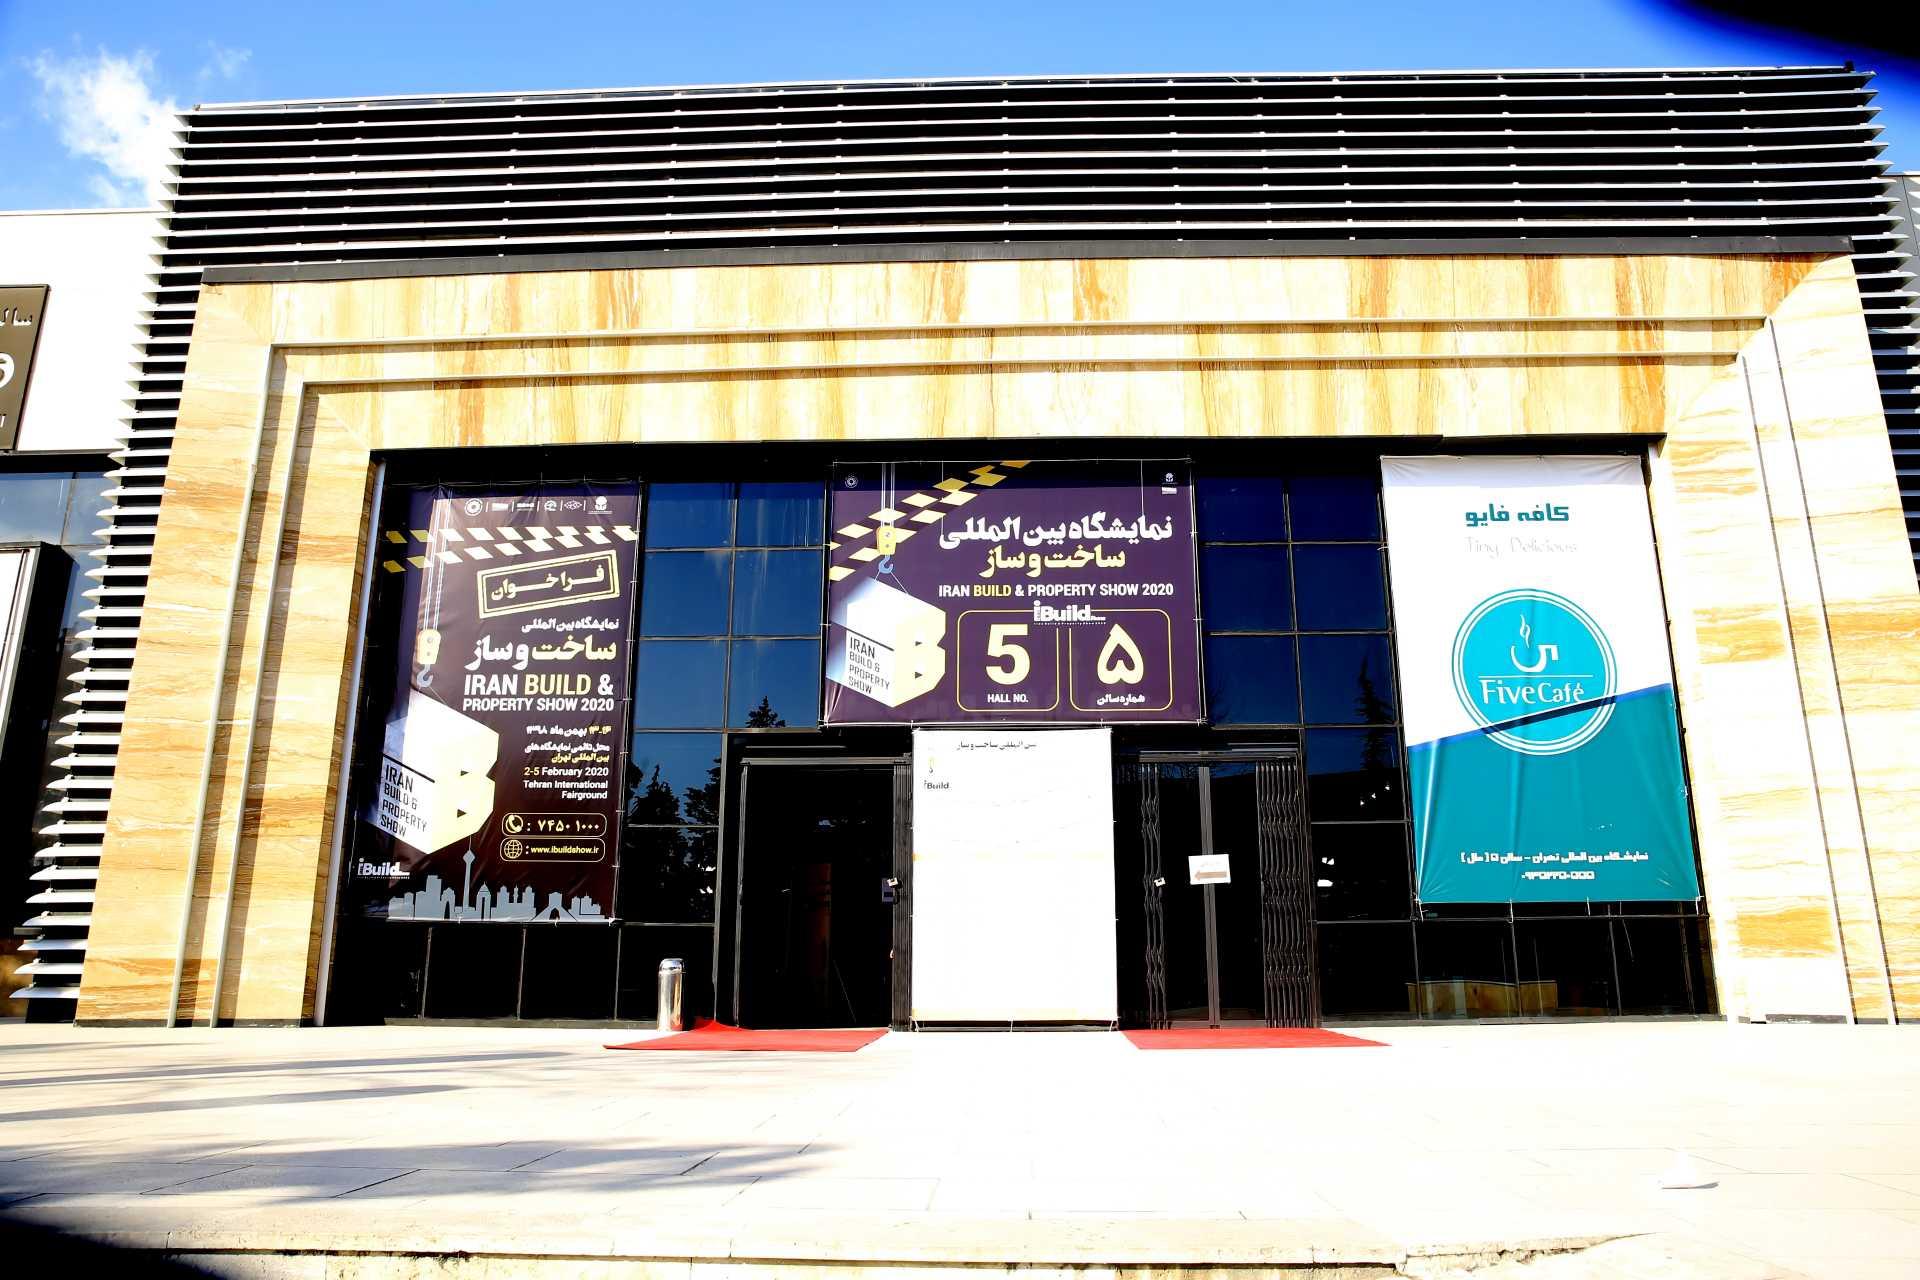 اولین نمایشگاه صنعت ساختوساز که در محل نمایشگاه بینالمللی تهران برگزار شد